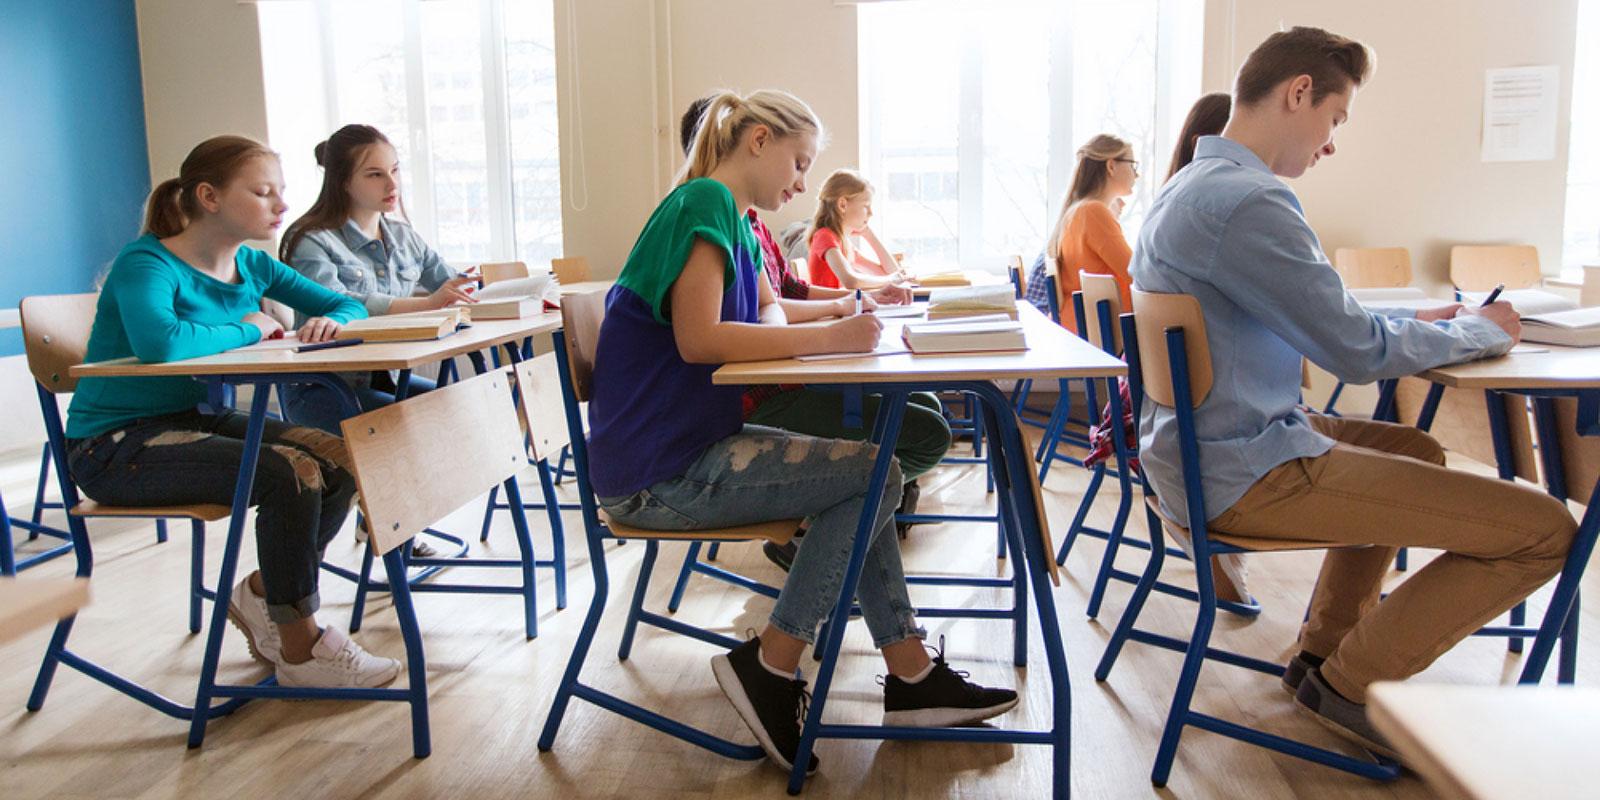 Co dělat po neúspěšném ukončení studia? Kdy musíte platit povinné pojištění a v jaké výši?